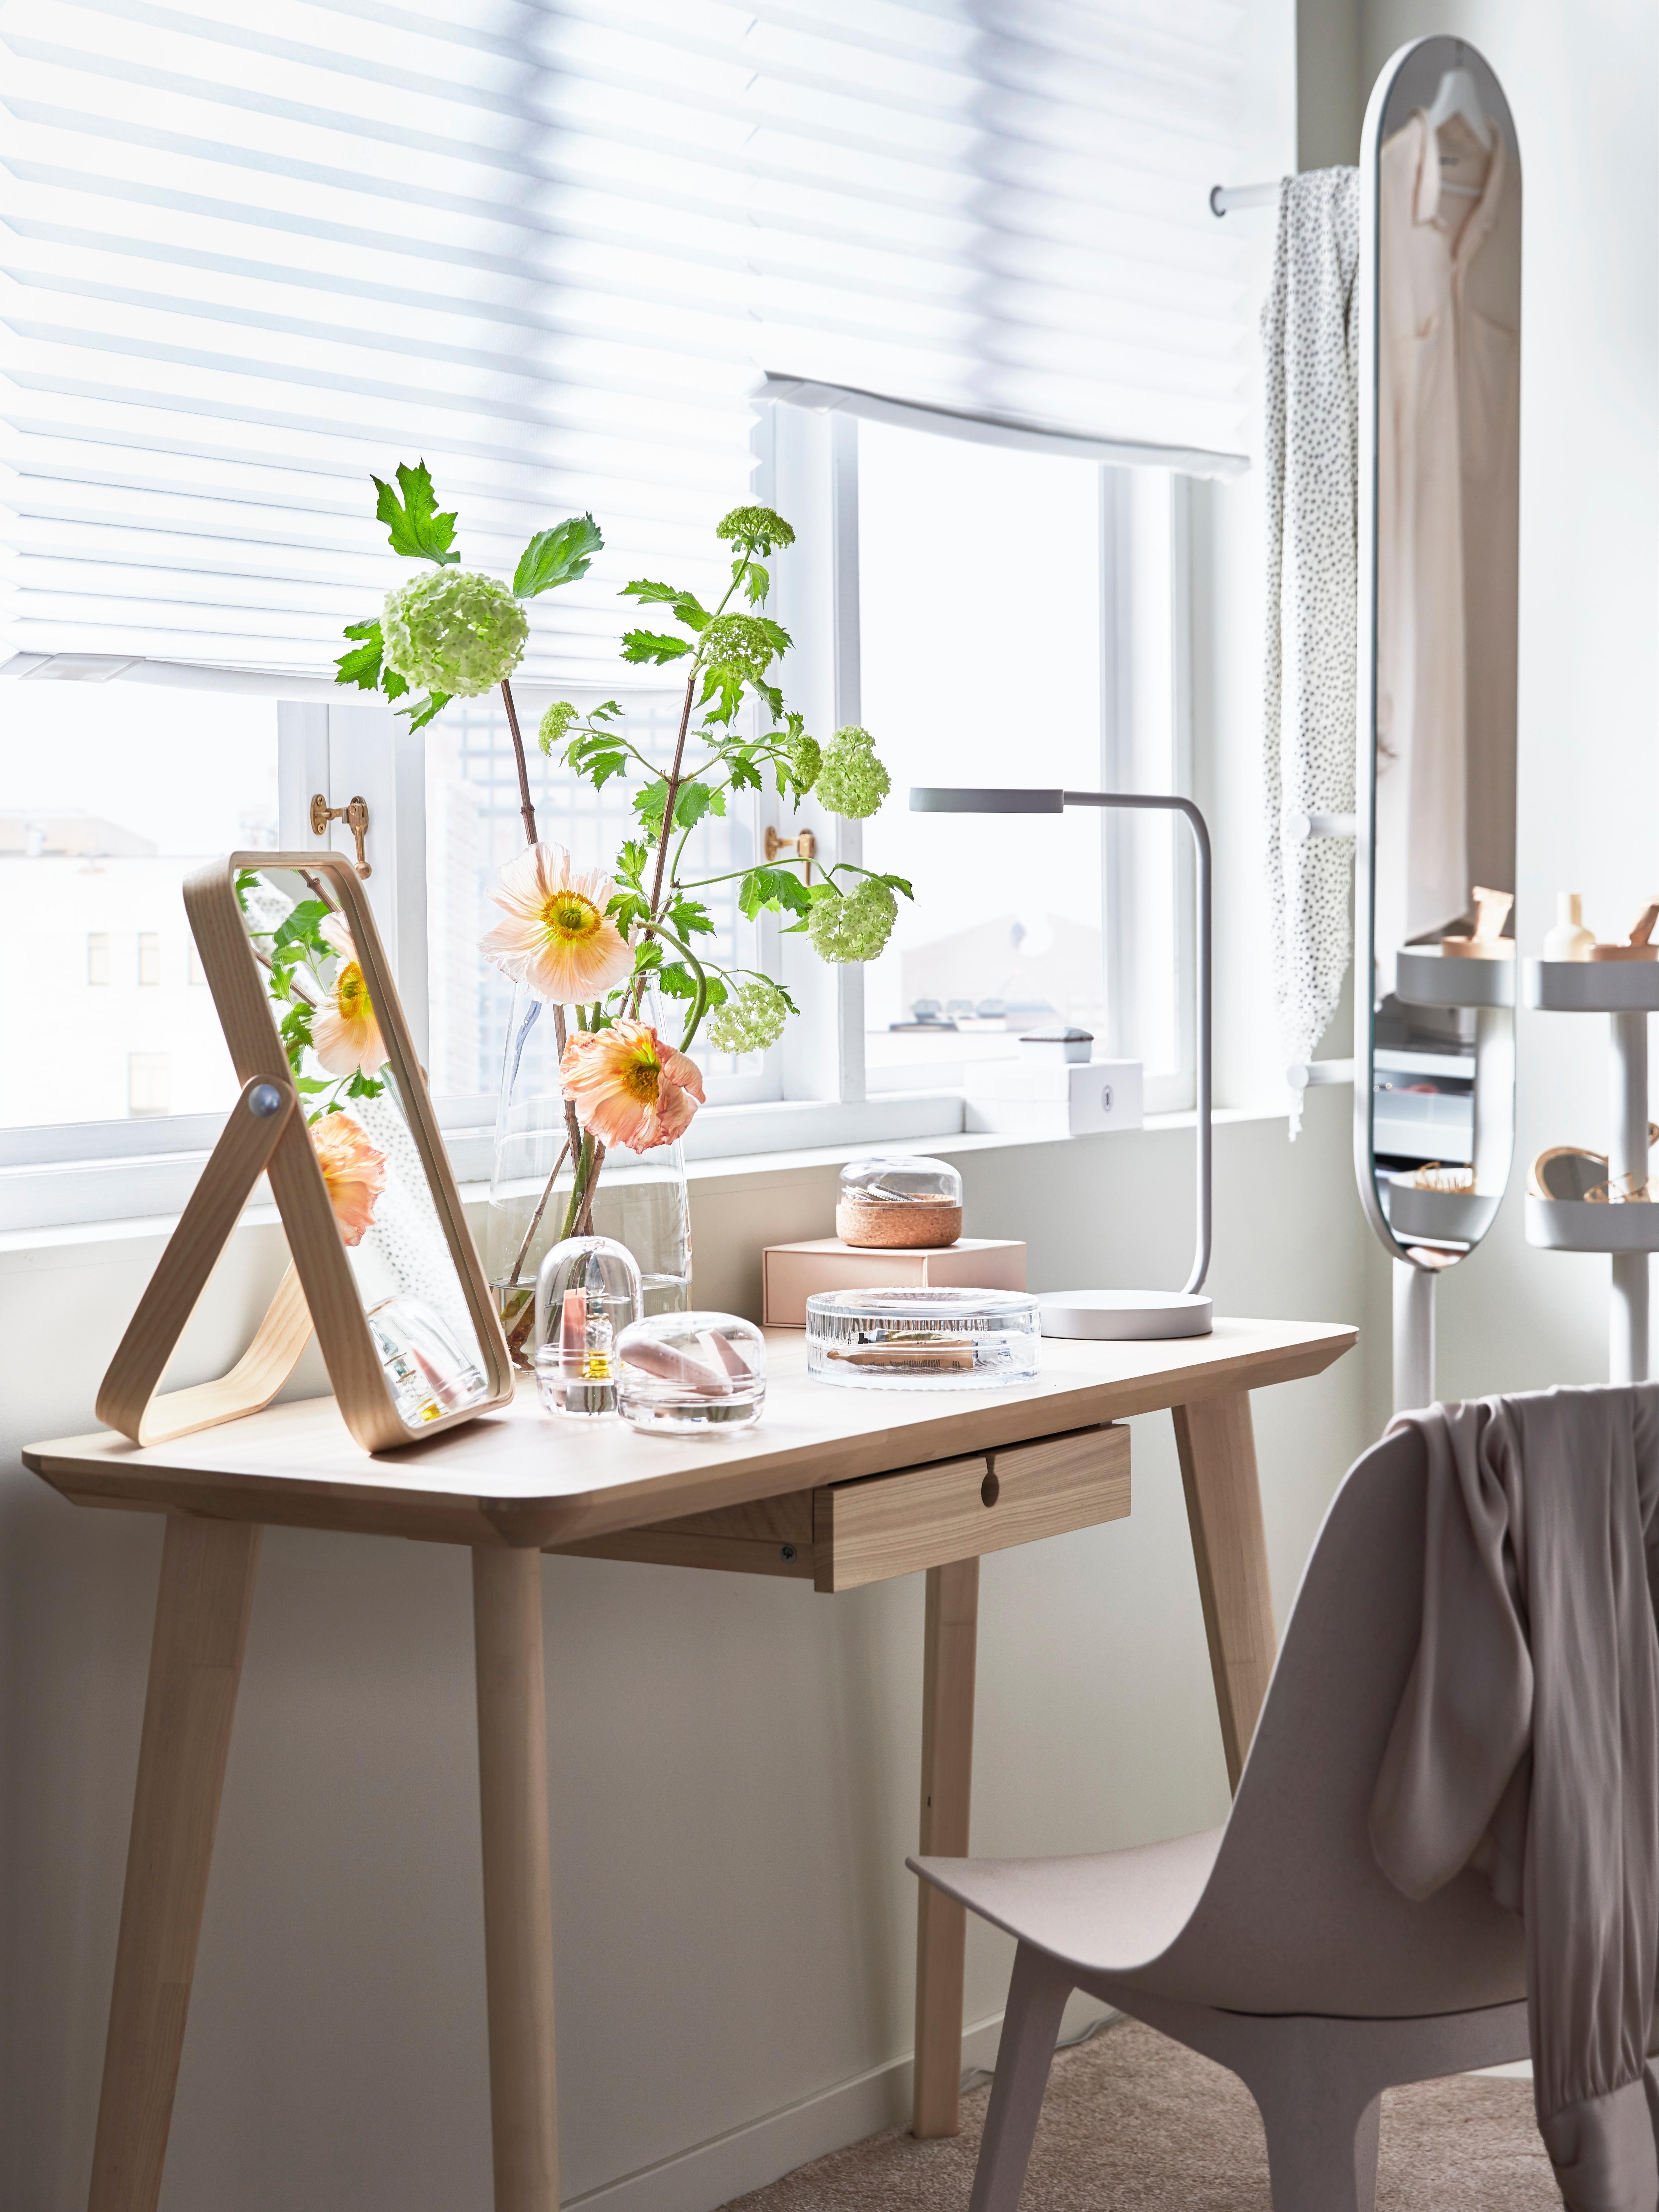 Radni sto LISABO s pepeljastim furnirom, s cvećem u vazi, ogledalom i lampom, ispred prozora s belim roletnama.